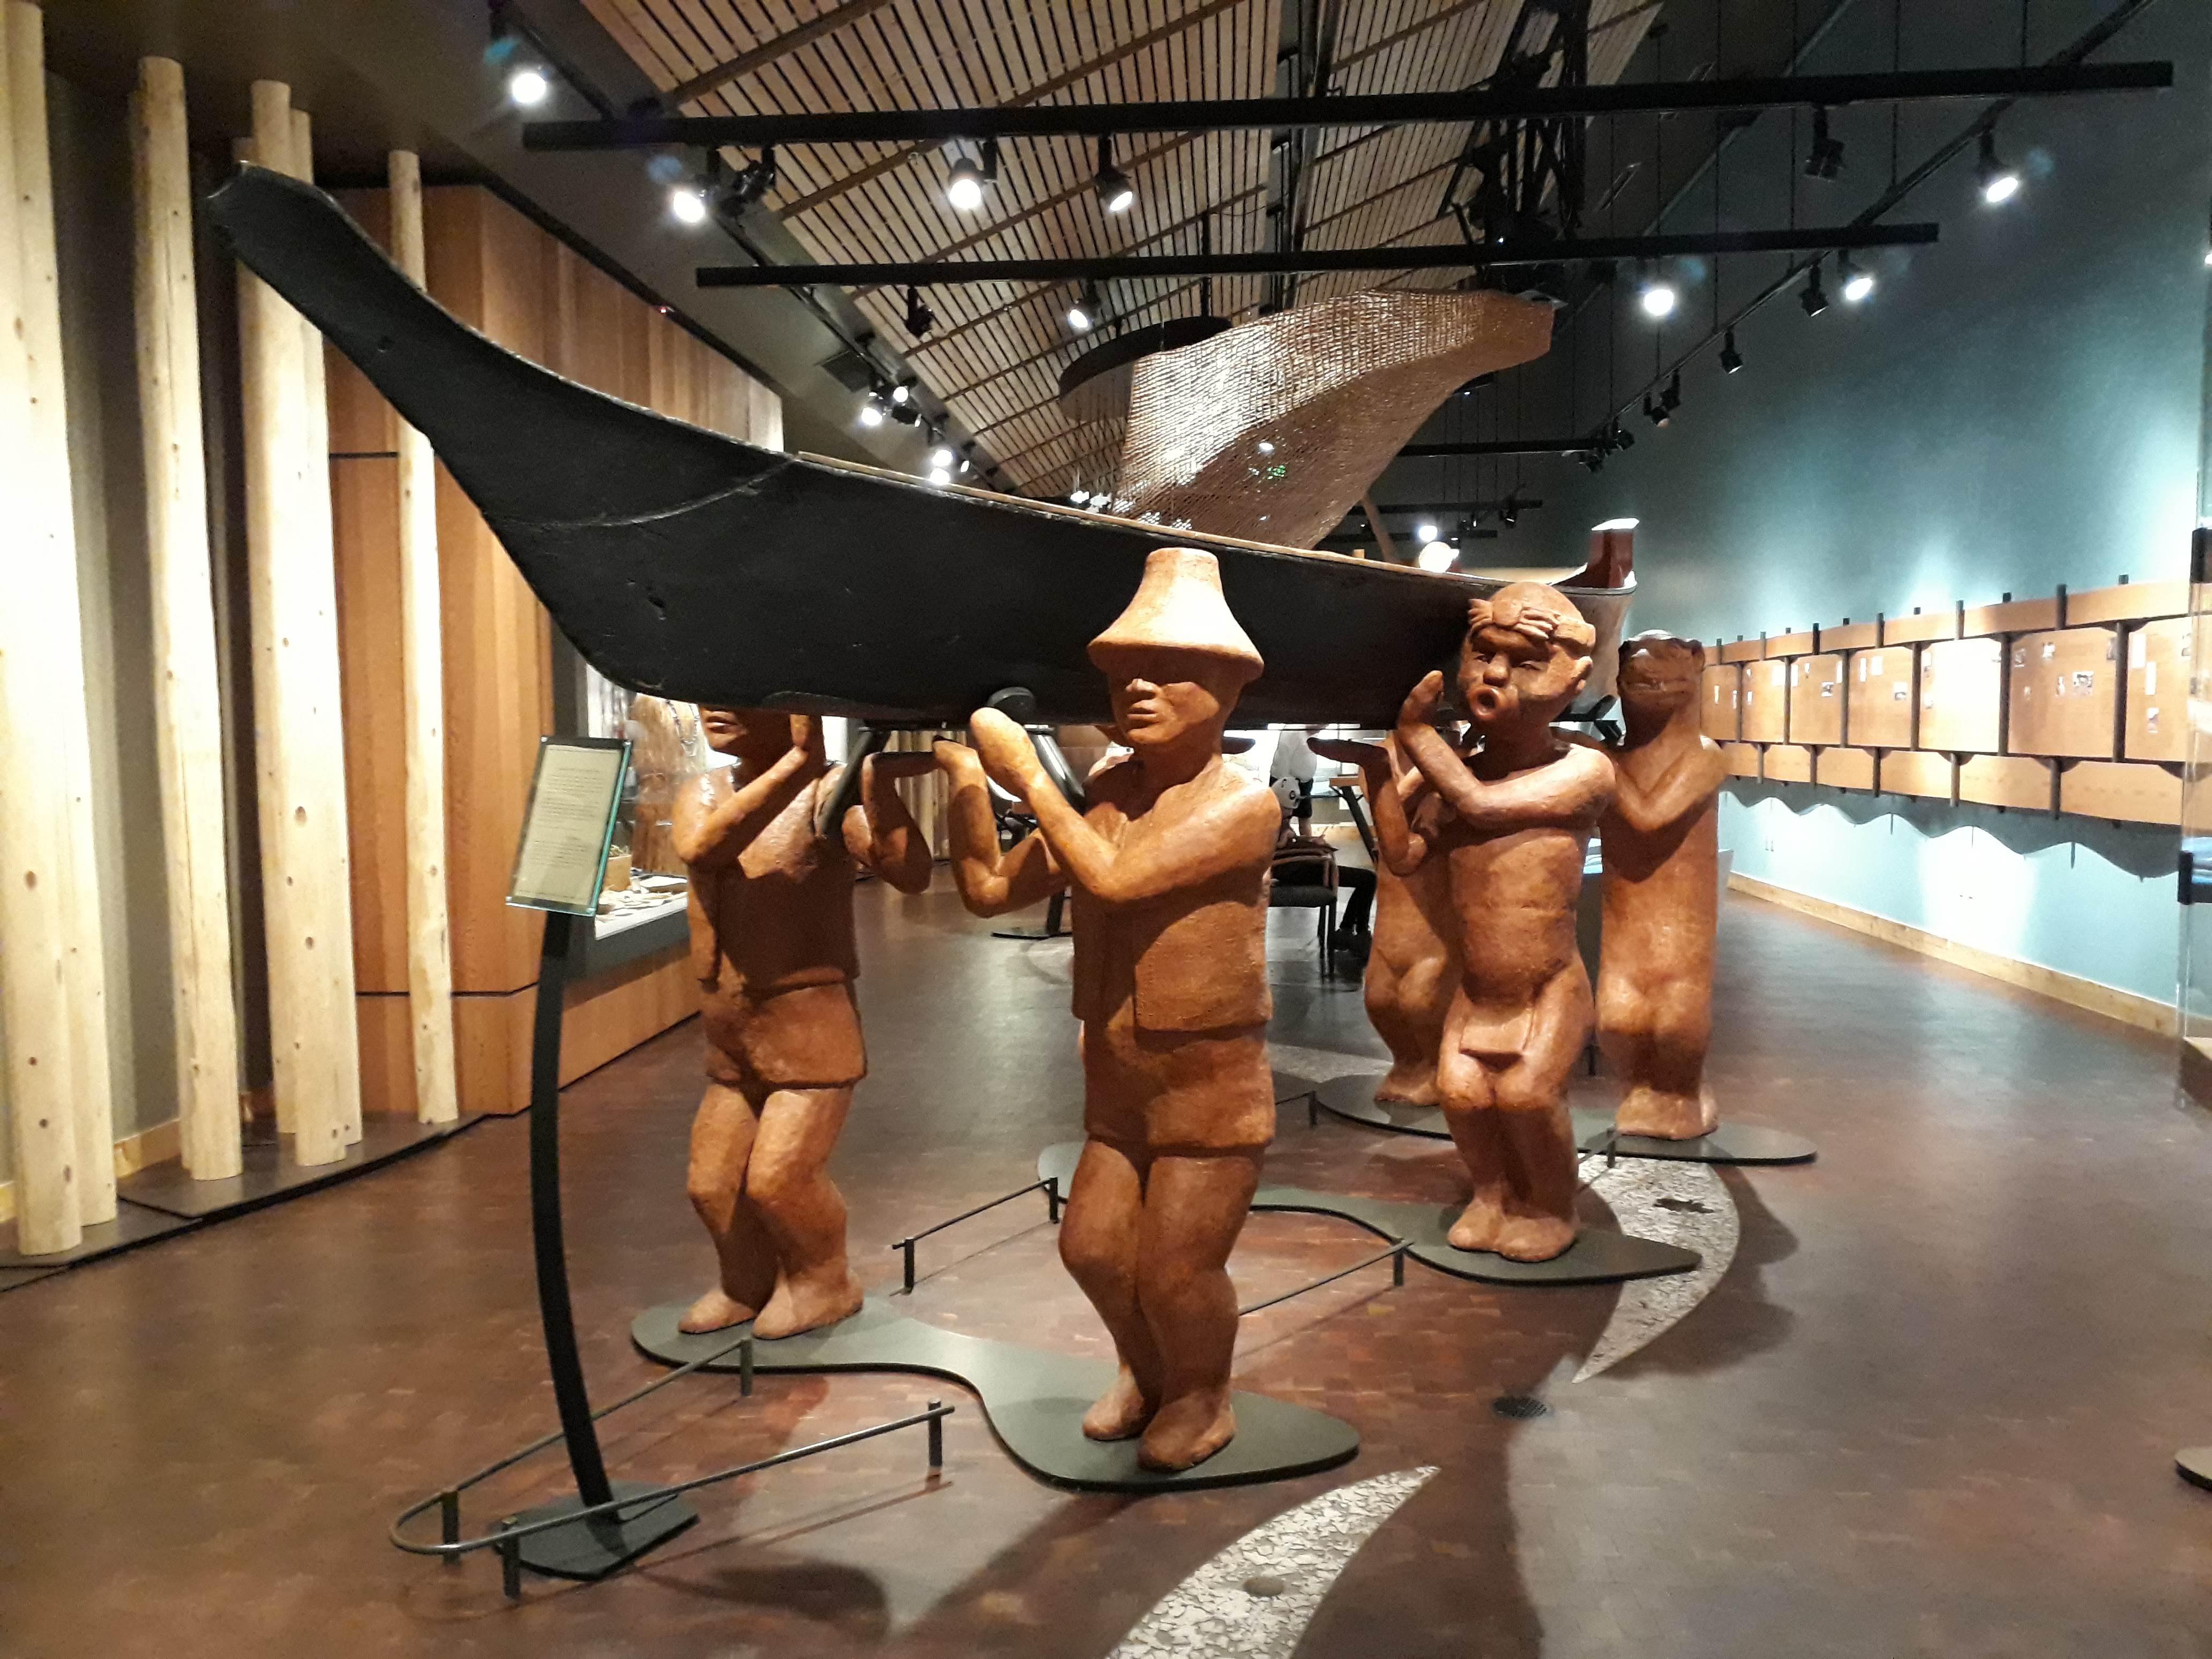 Poulsbo - Suquamish Museum